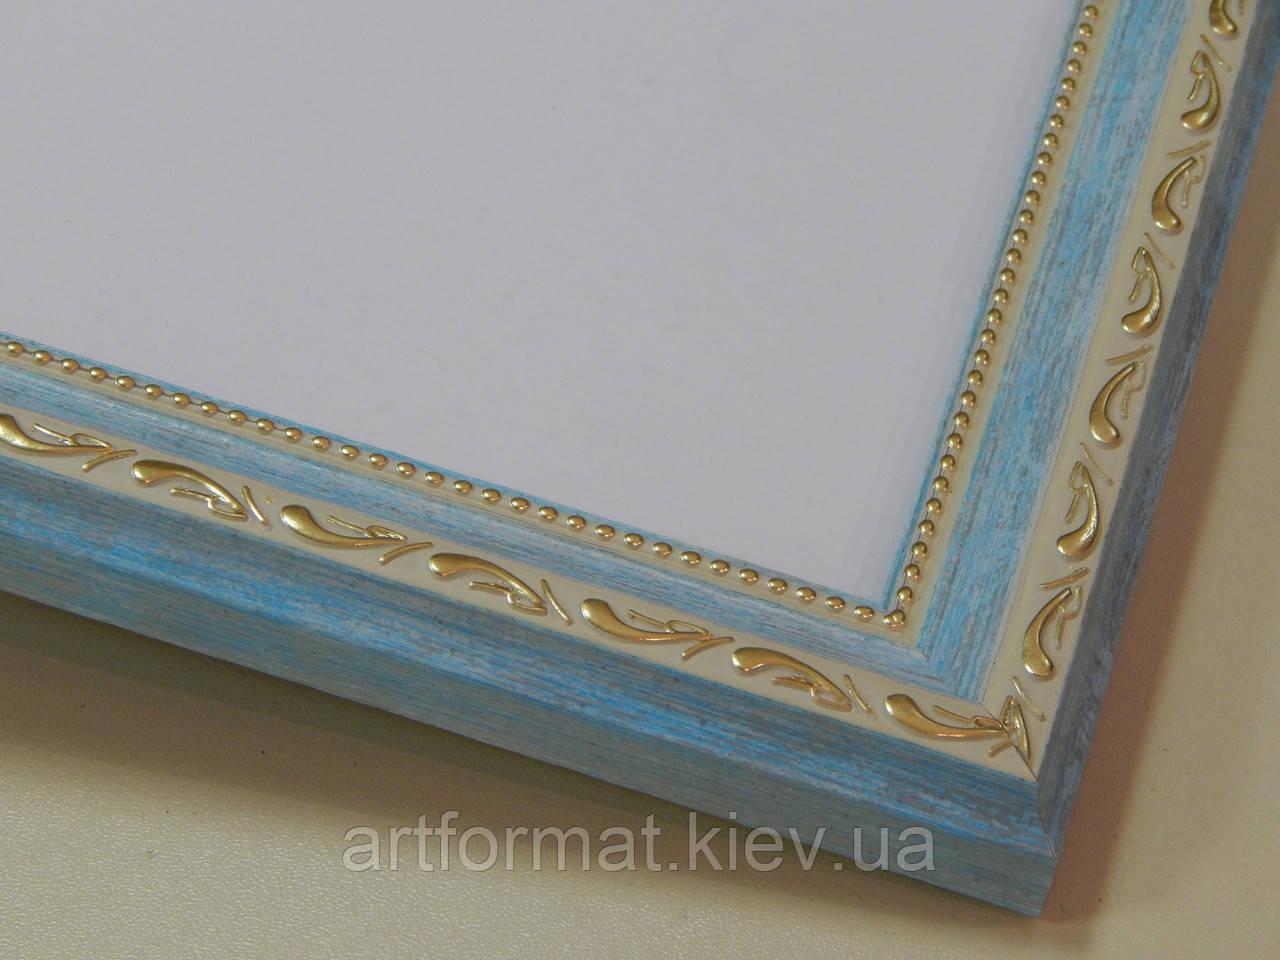 РАМКА А4 (297х210).25 мм.Голубая с орнаментом.Для фото,дипломов,картин.